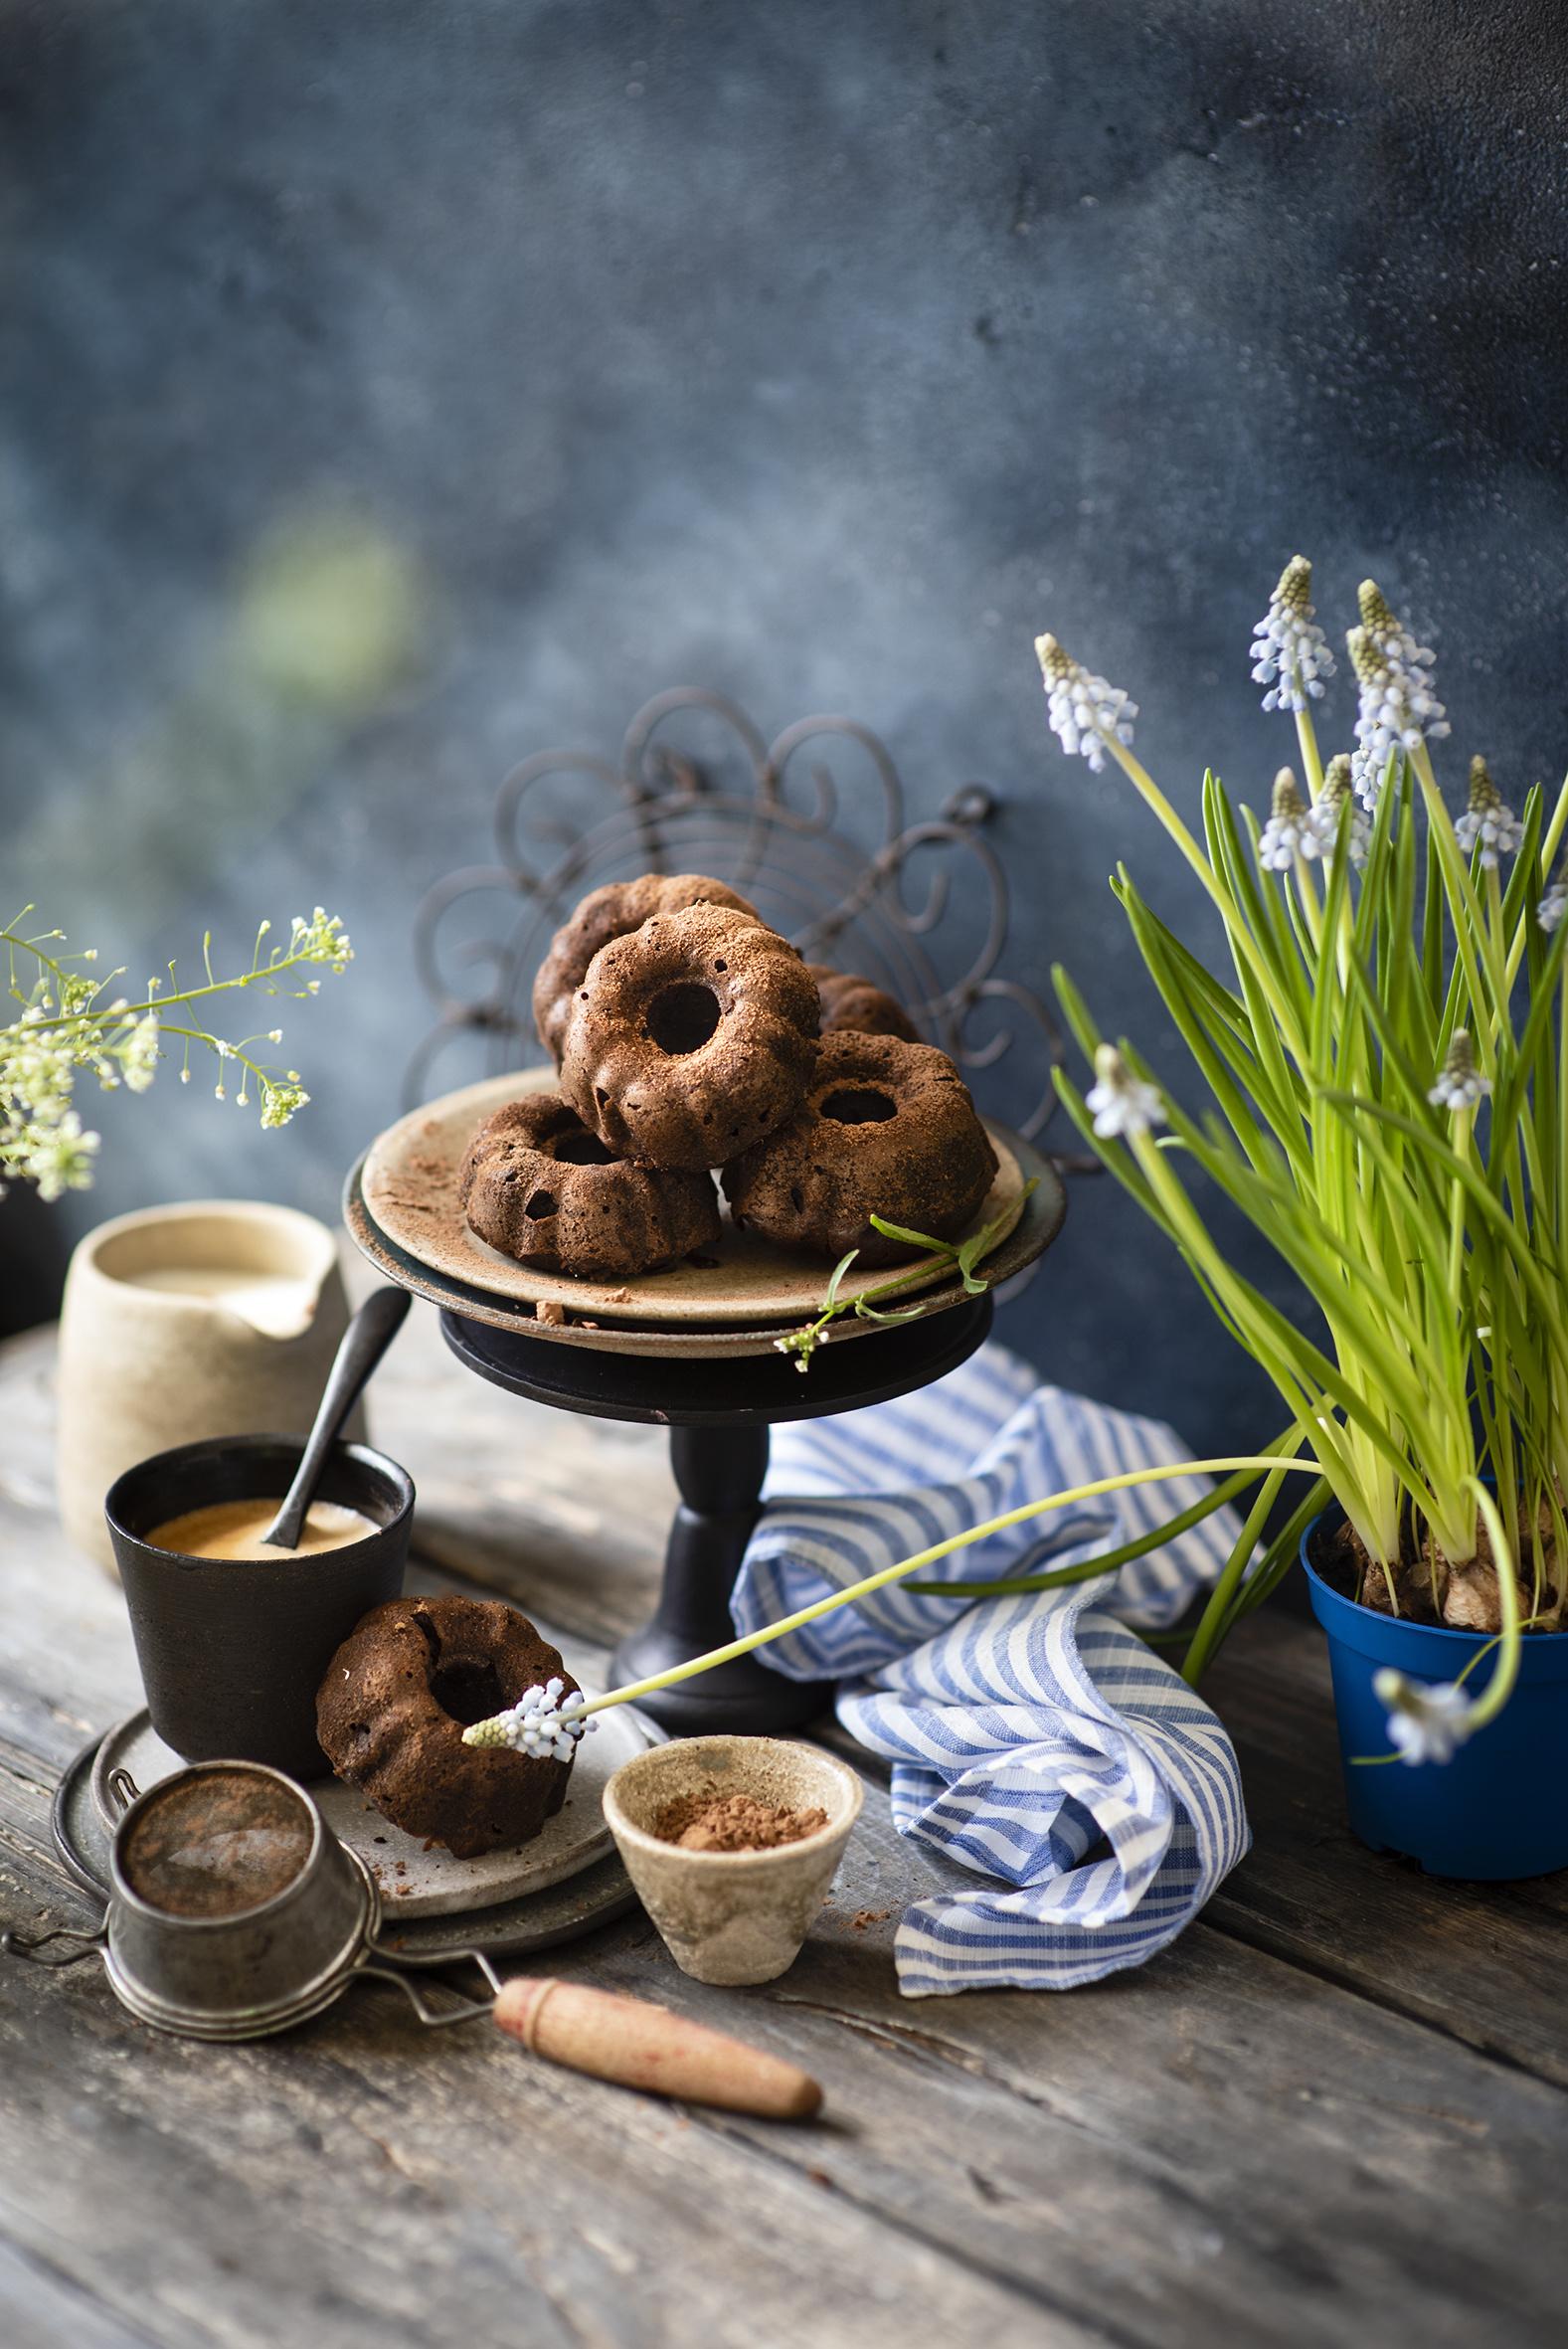 Картинки Кофе Кекс Капучино Пища Кружка Доски  для мобильного телефона Еда кружки кружке Продукты питания